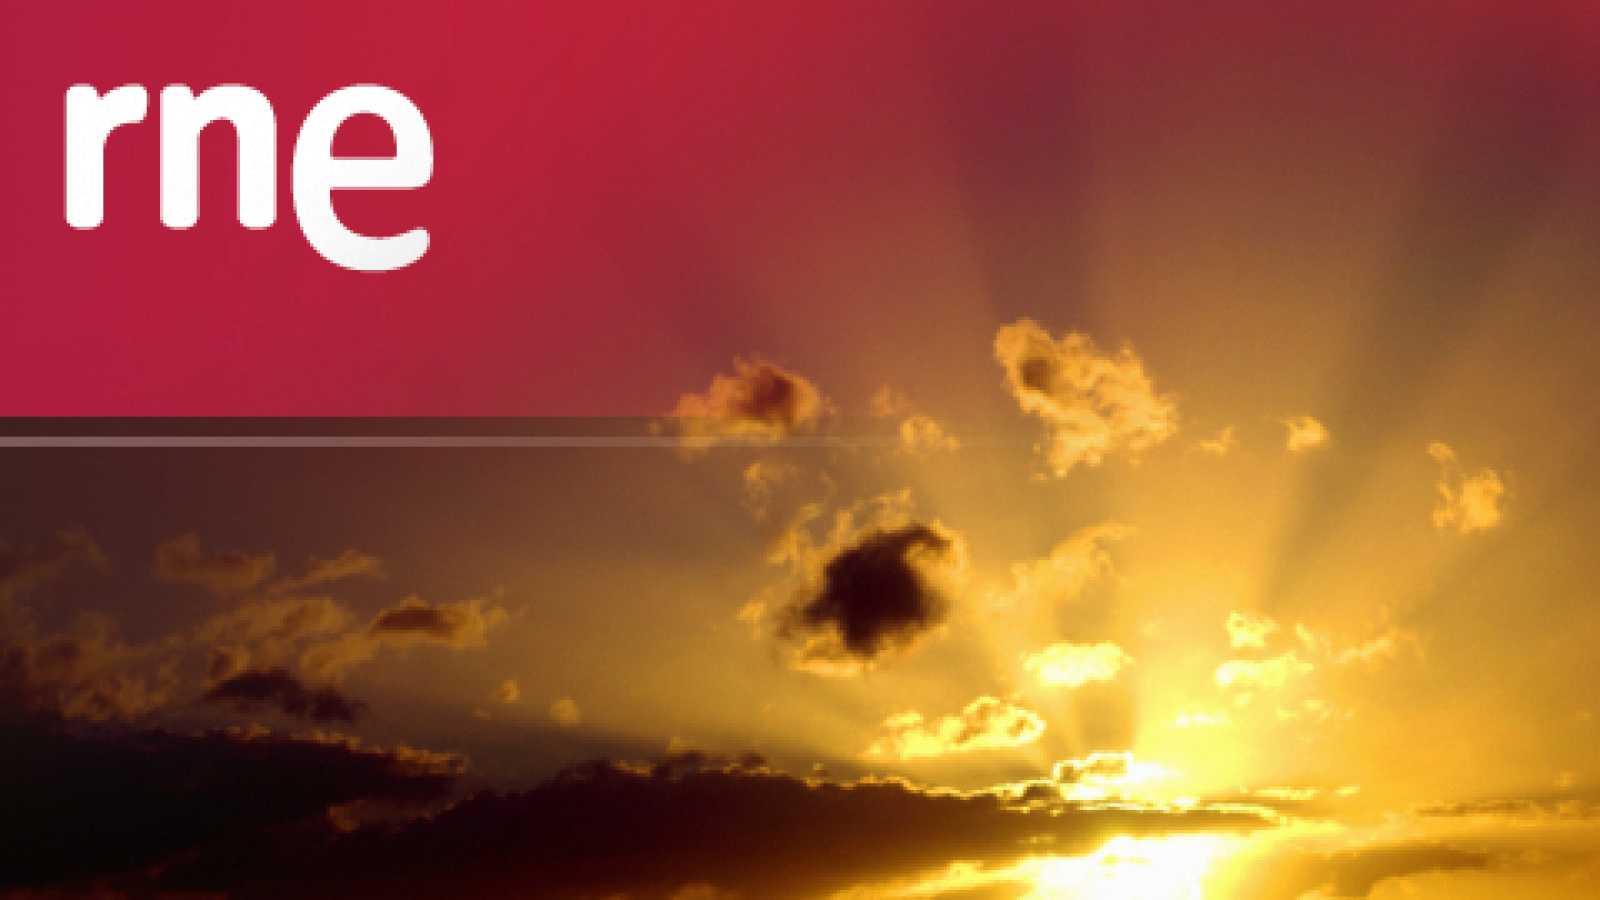 Alborada - Cuaresma, desierto hasta llegar a la Pascua como hijo muy amado del Padre - 18/02/21 - escuchar ahora